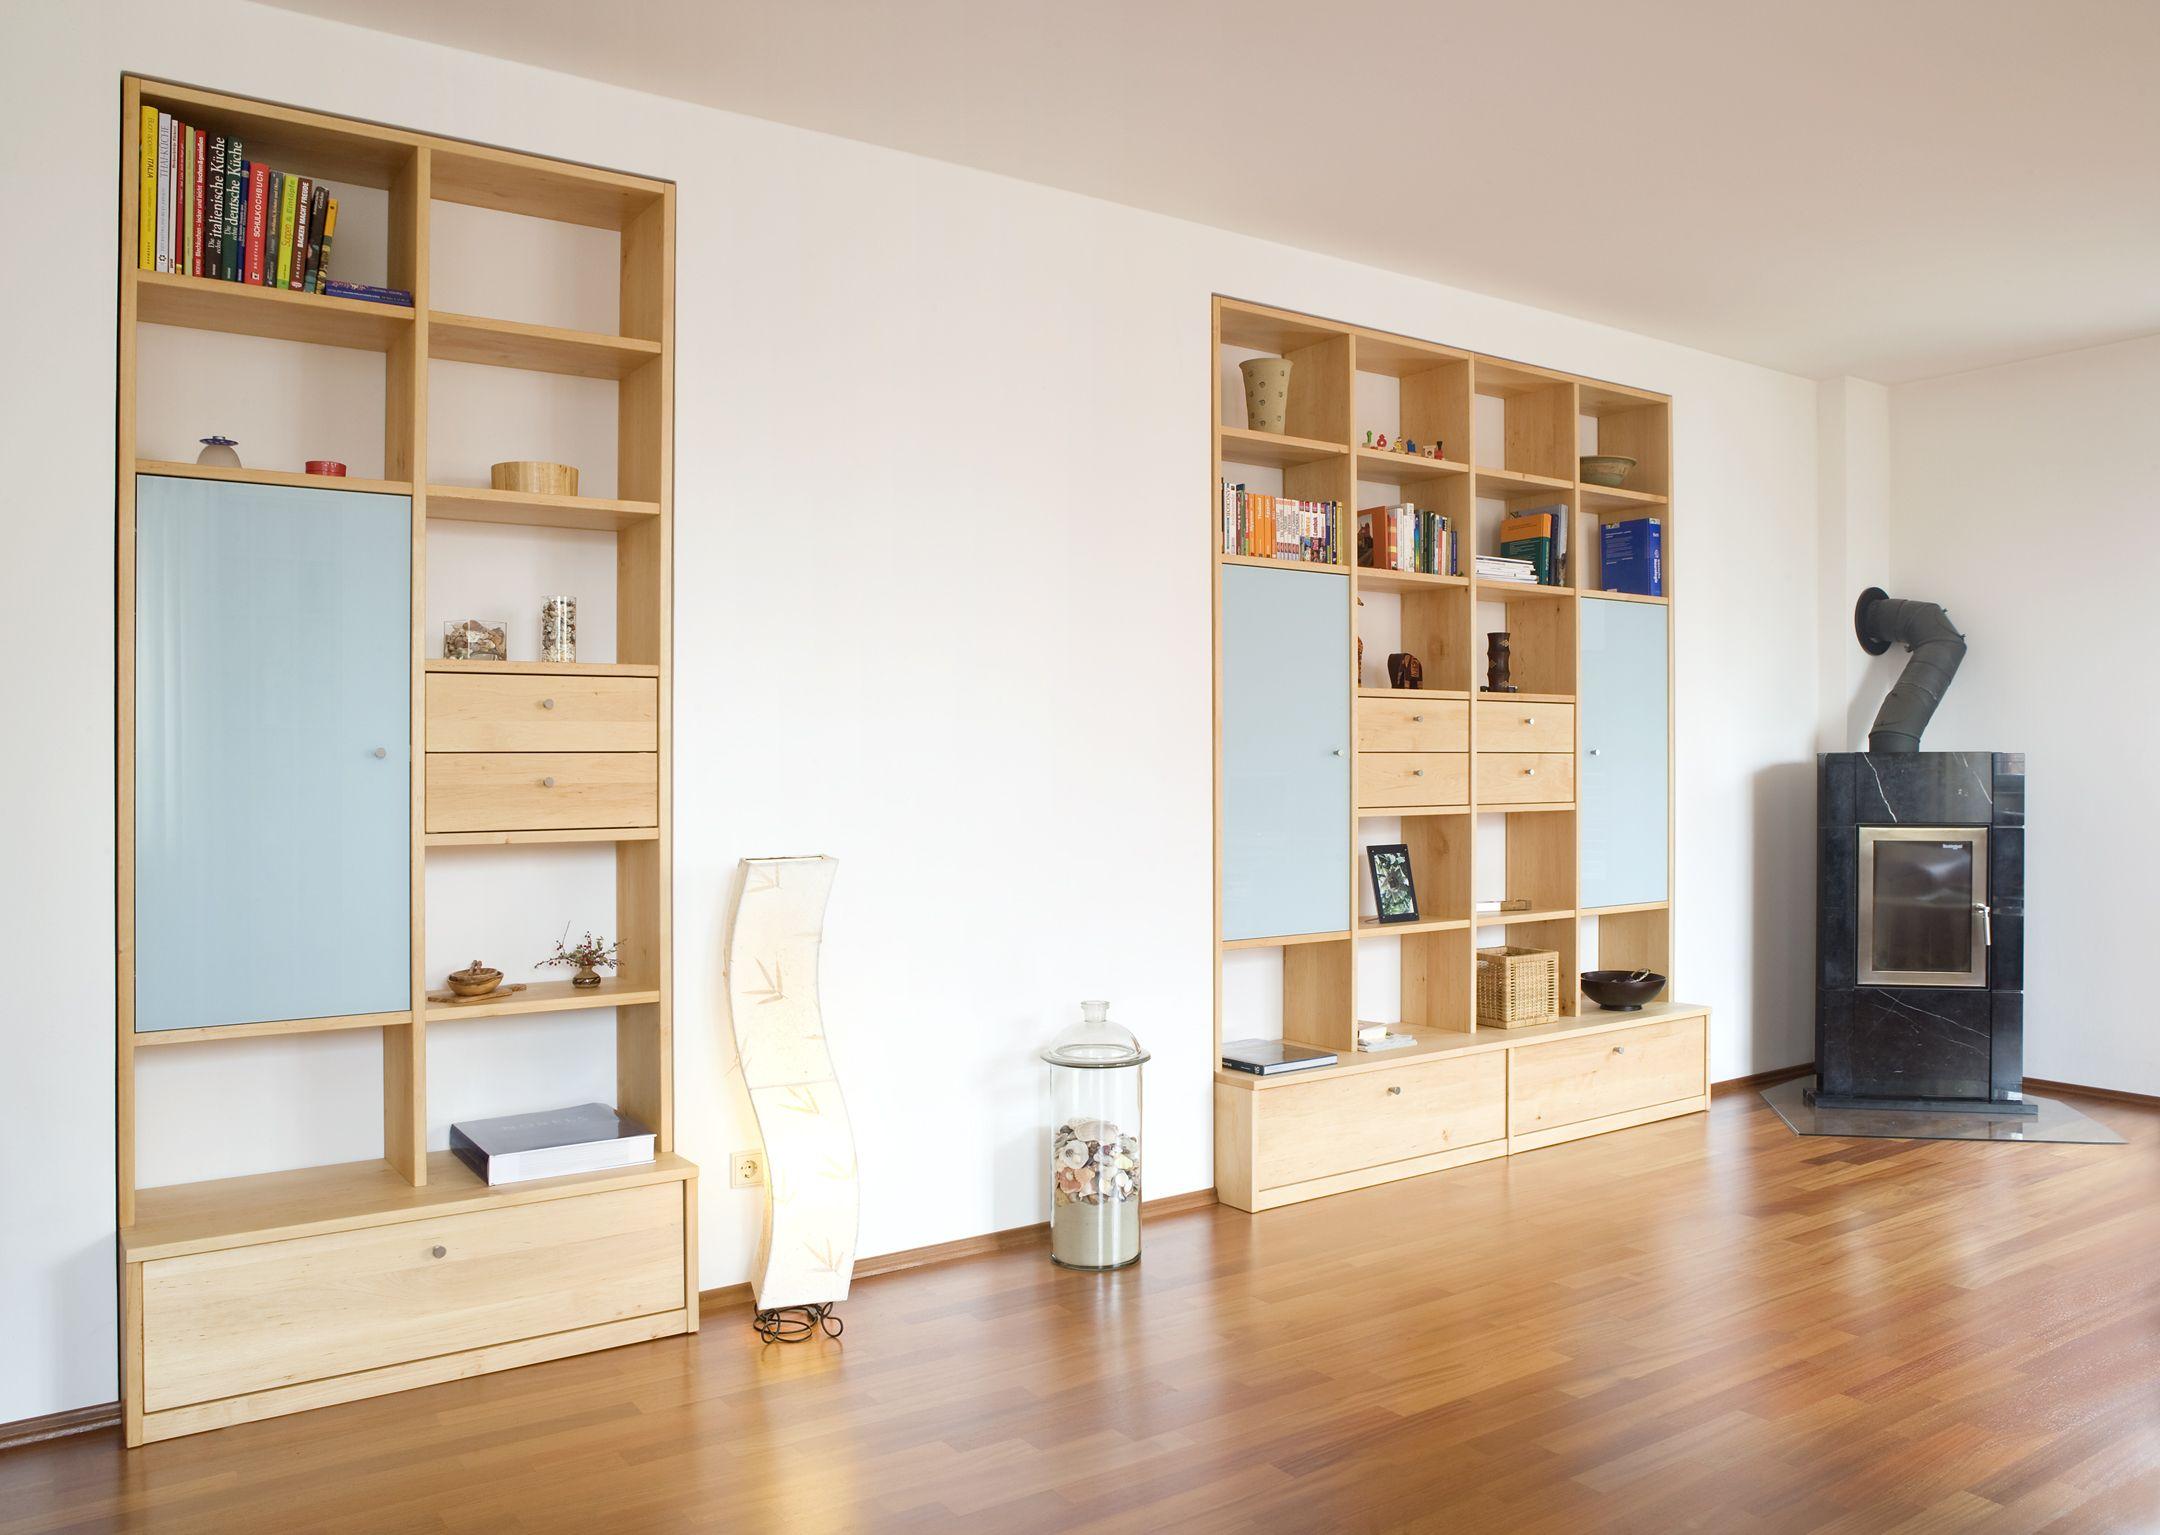 Maßgefertigte #Wohnzimmermöbel, individuell auf die Maße Ihrer